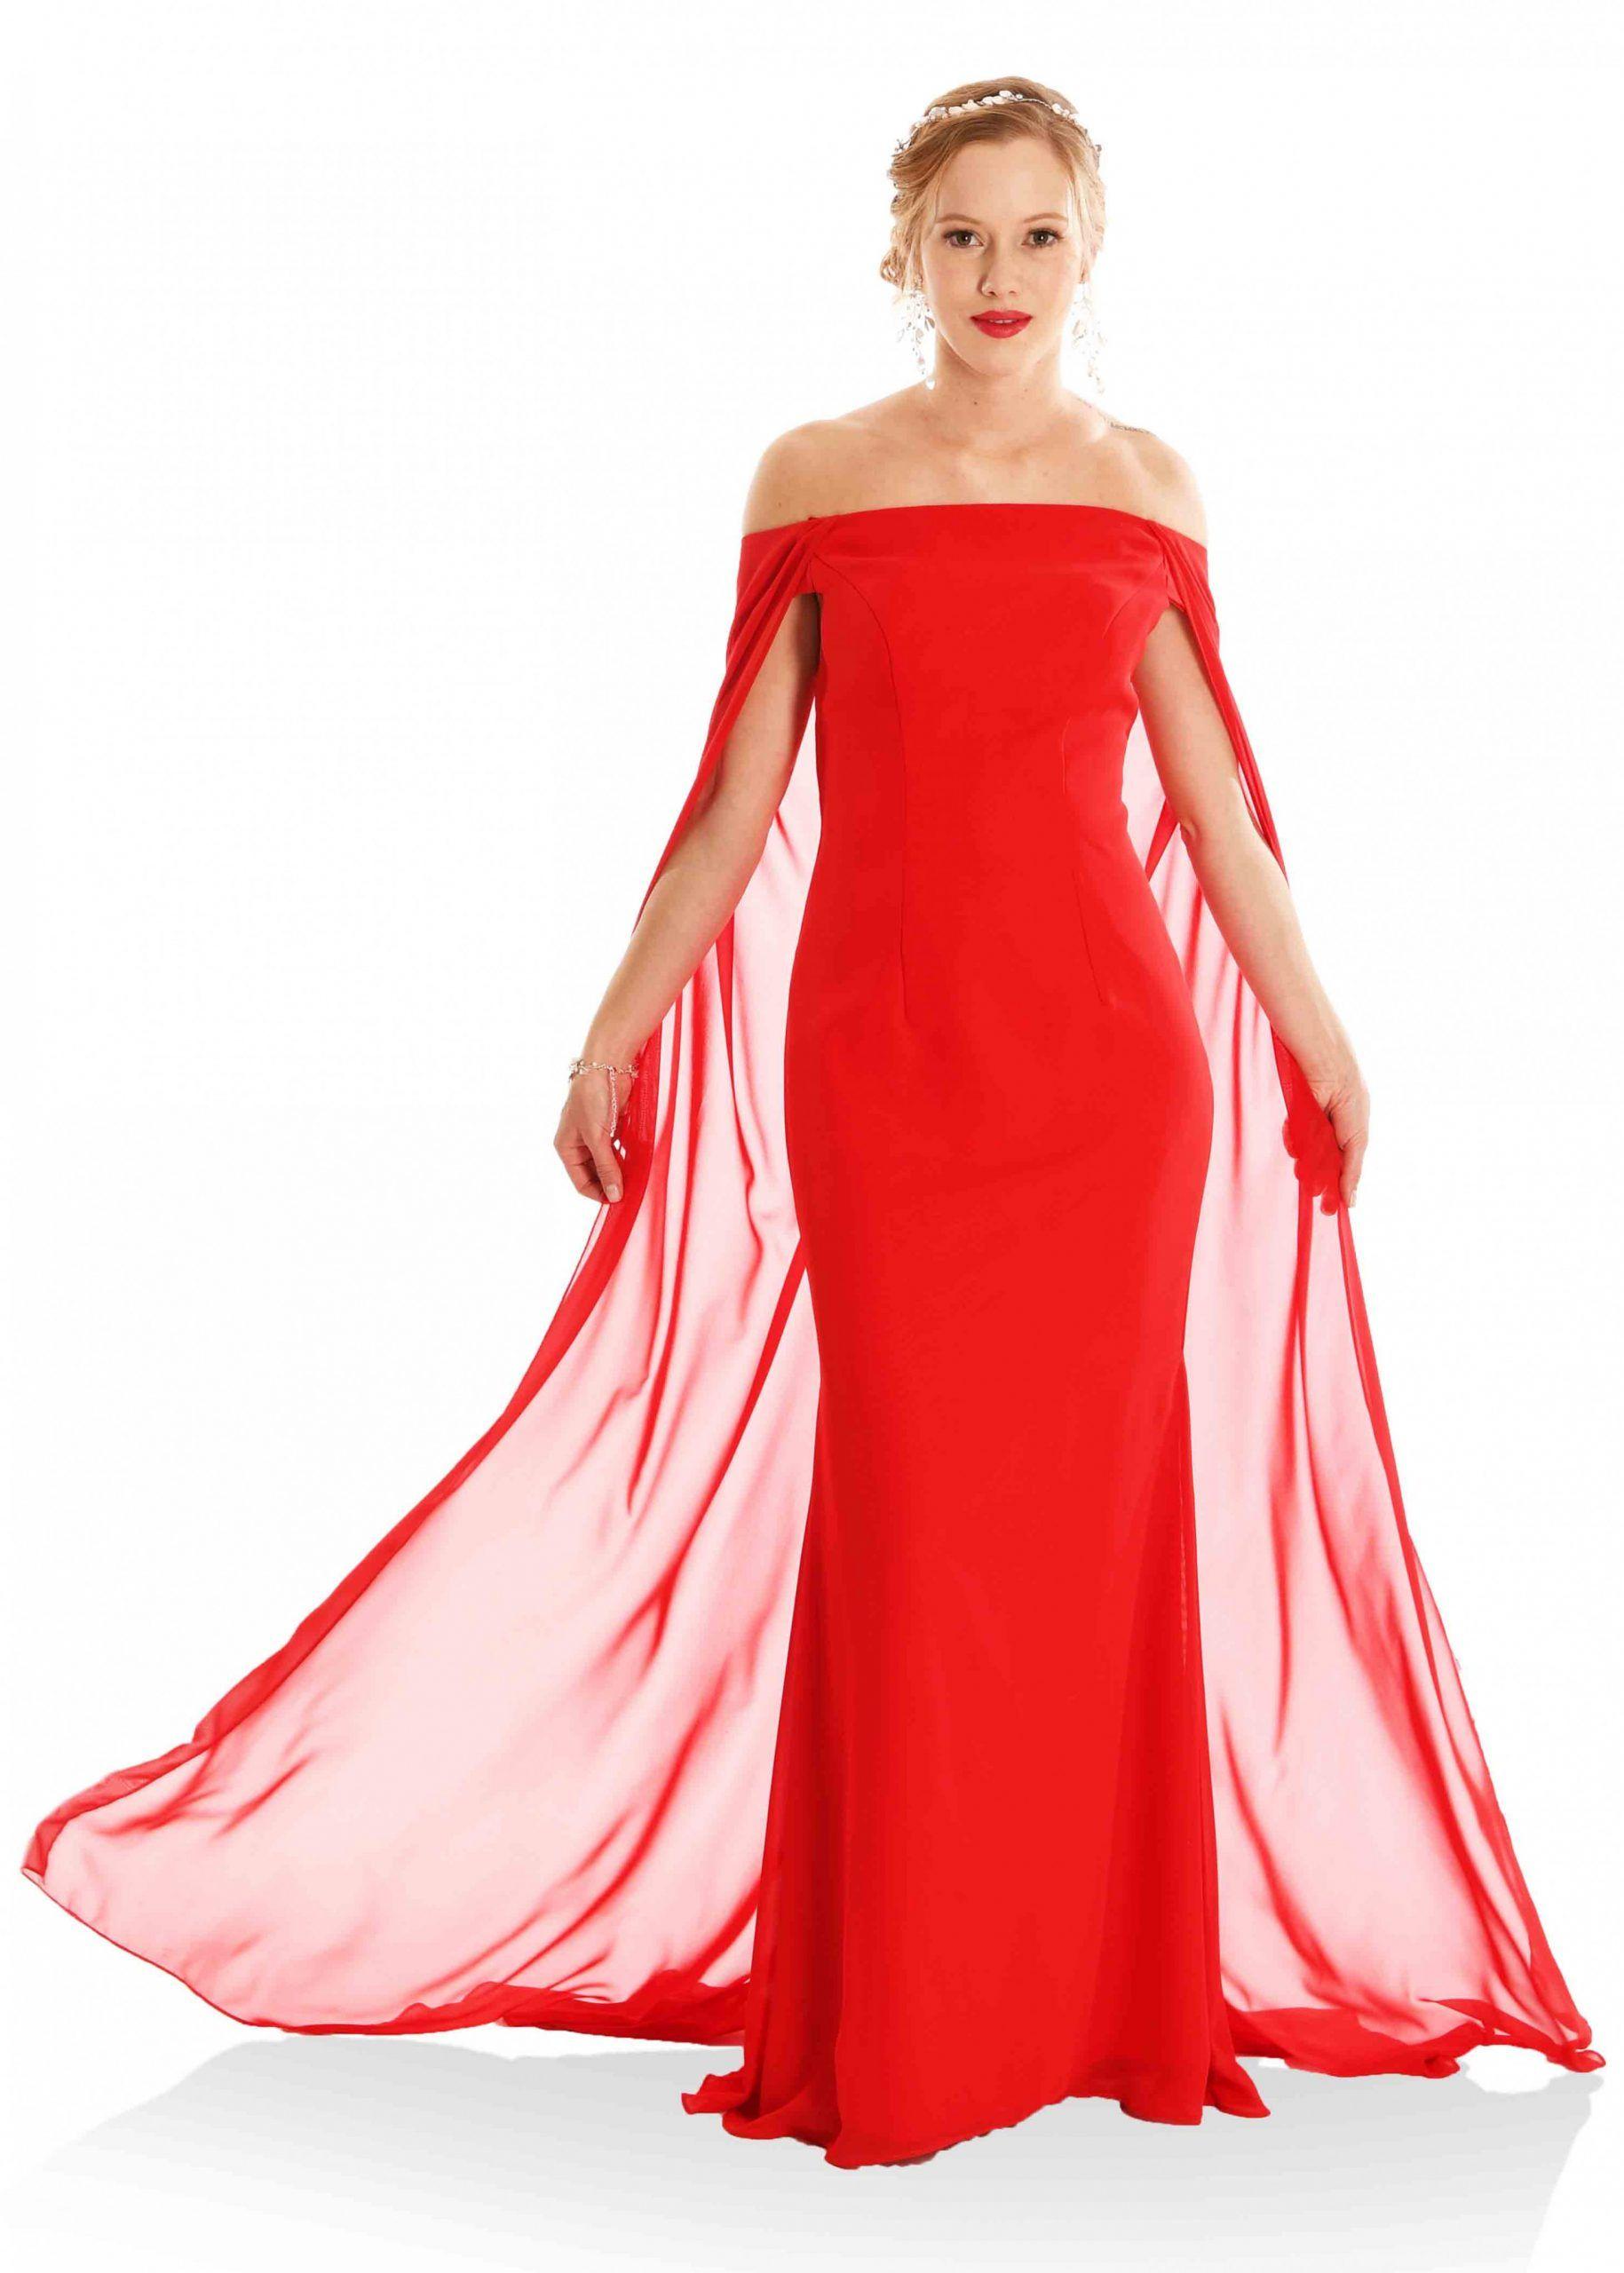 15 Lange Abendmode In 2020 Festliche Kleider Hochzeit Kleid Hochzeit Abendkleider Hochzeit